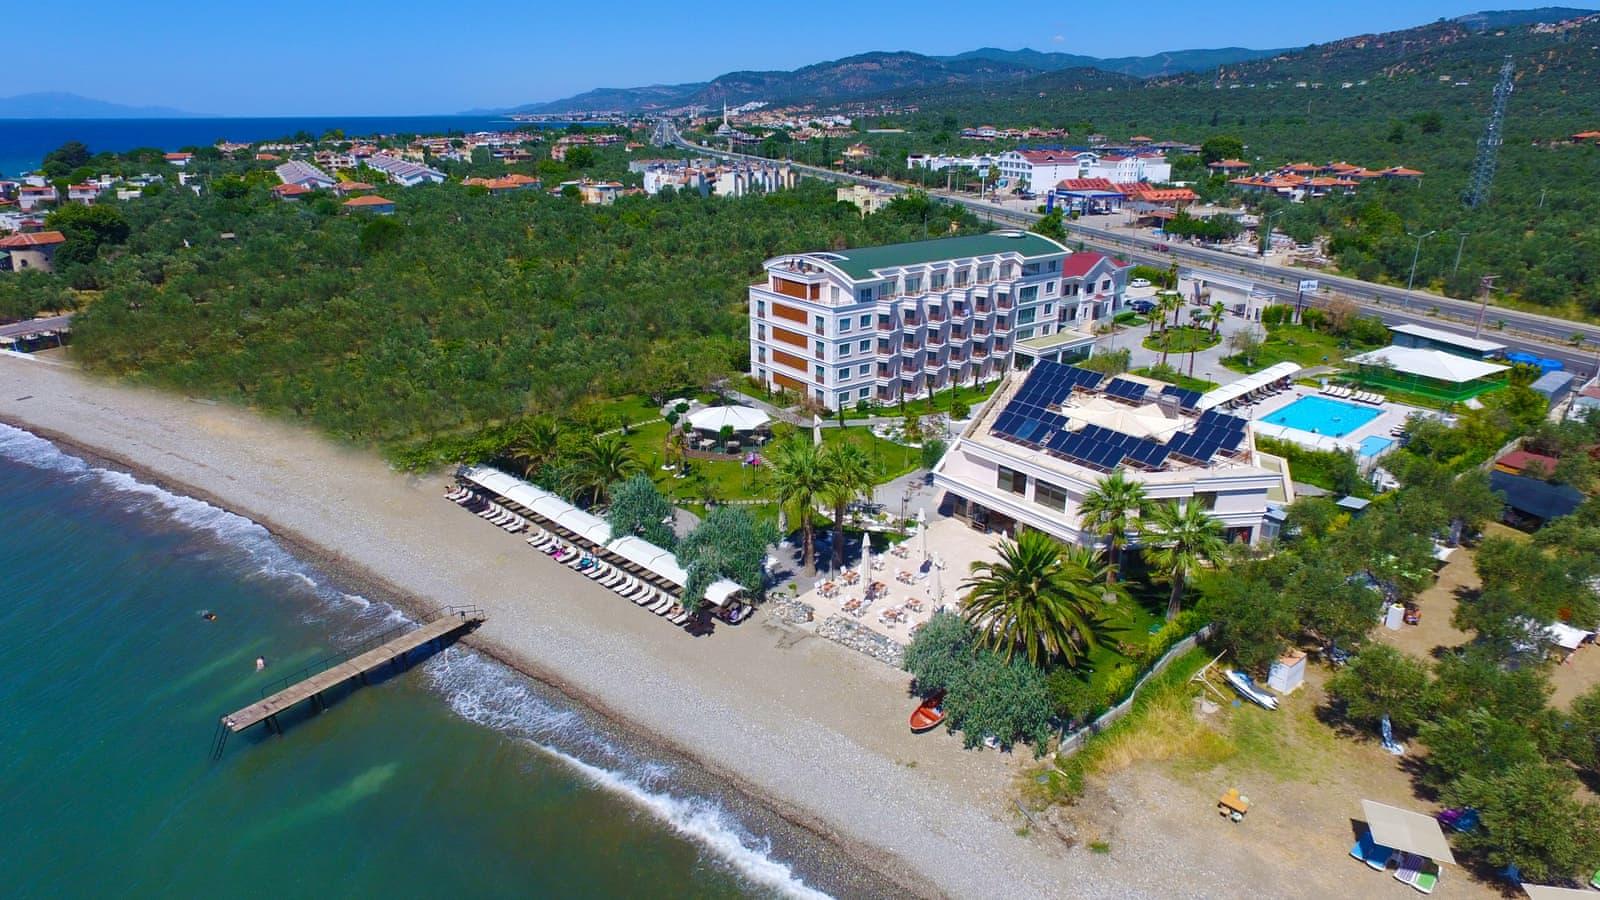 Rawda Resort Hotels Kaz Daglari